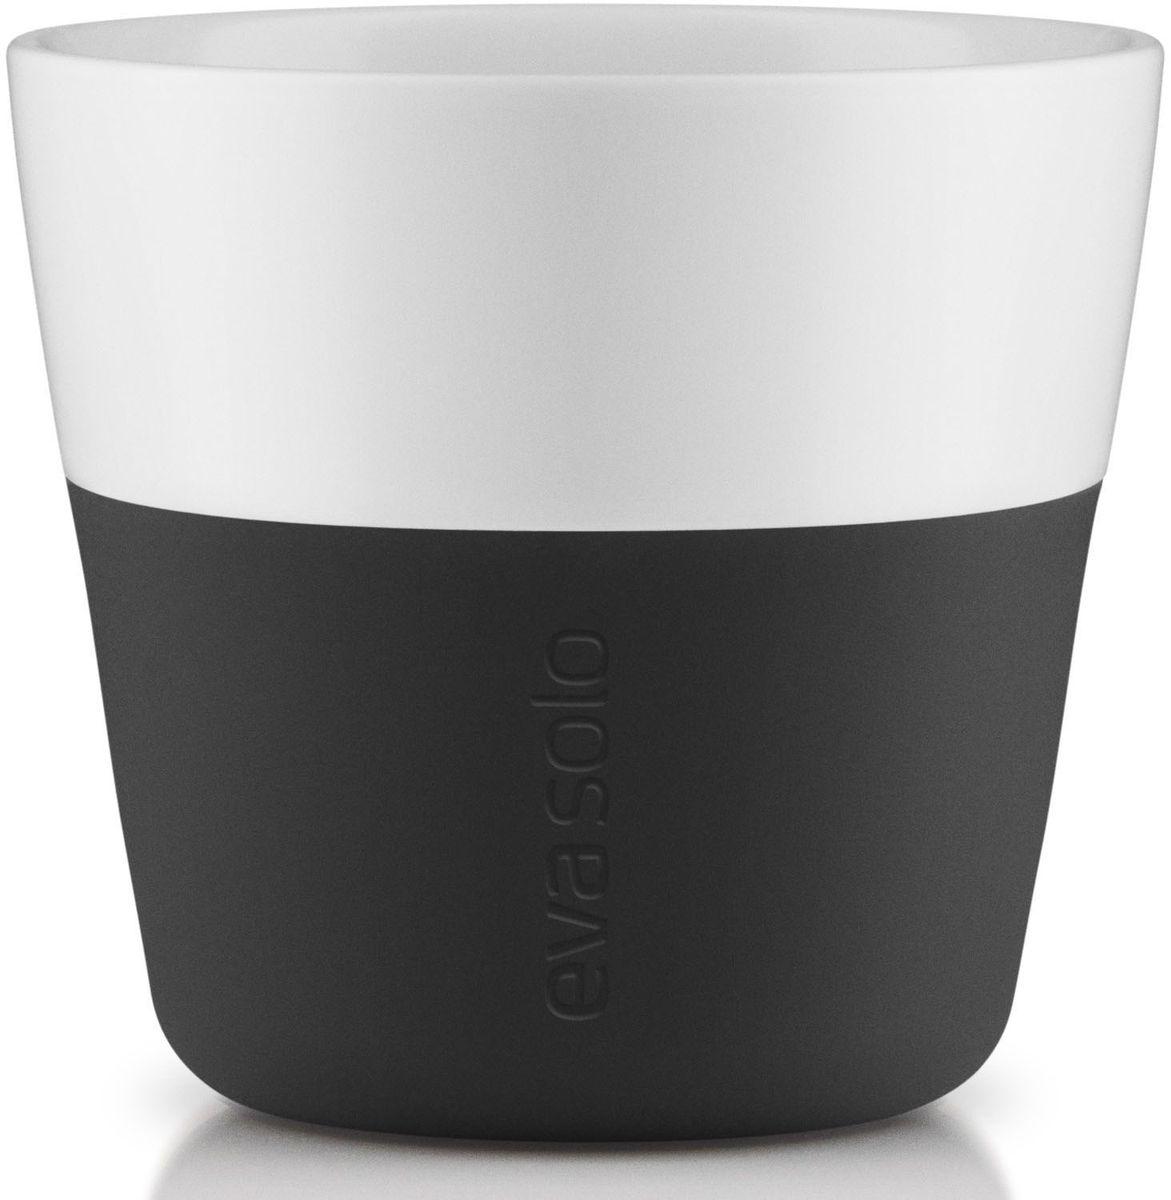 Чашки для лунго Eva Solo, 230 мл, 2 шт., цвет: черныйVT-1520(SR)Чашка для кофе лунго от Eva Solo рассчитана на 230 мл - оптимальный объем, а также стандарт для этого типа напитка у большинства кофе-машин. Чашка сделана из фарфора и имеет специальный силиконовый чехол, чтобы ее можно было держать в руках, не рискуя обжечь пальцы. Чехол легко снимается, и чашку можно мыть в посудомоечной машине. Умные и красивые предметы посуды от Eva Solo будут украшением любой кухни!